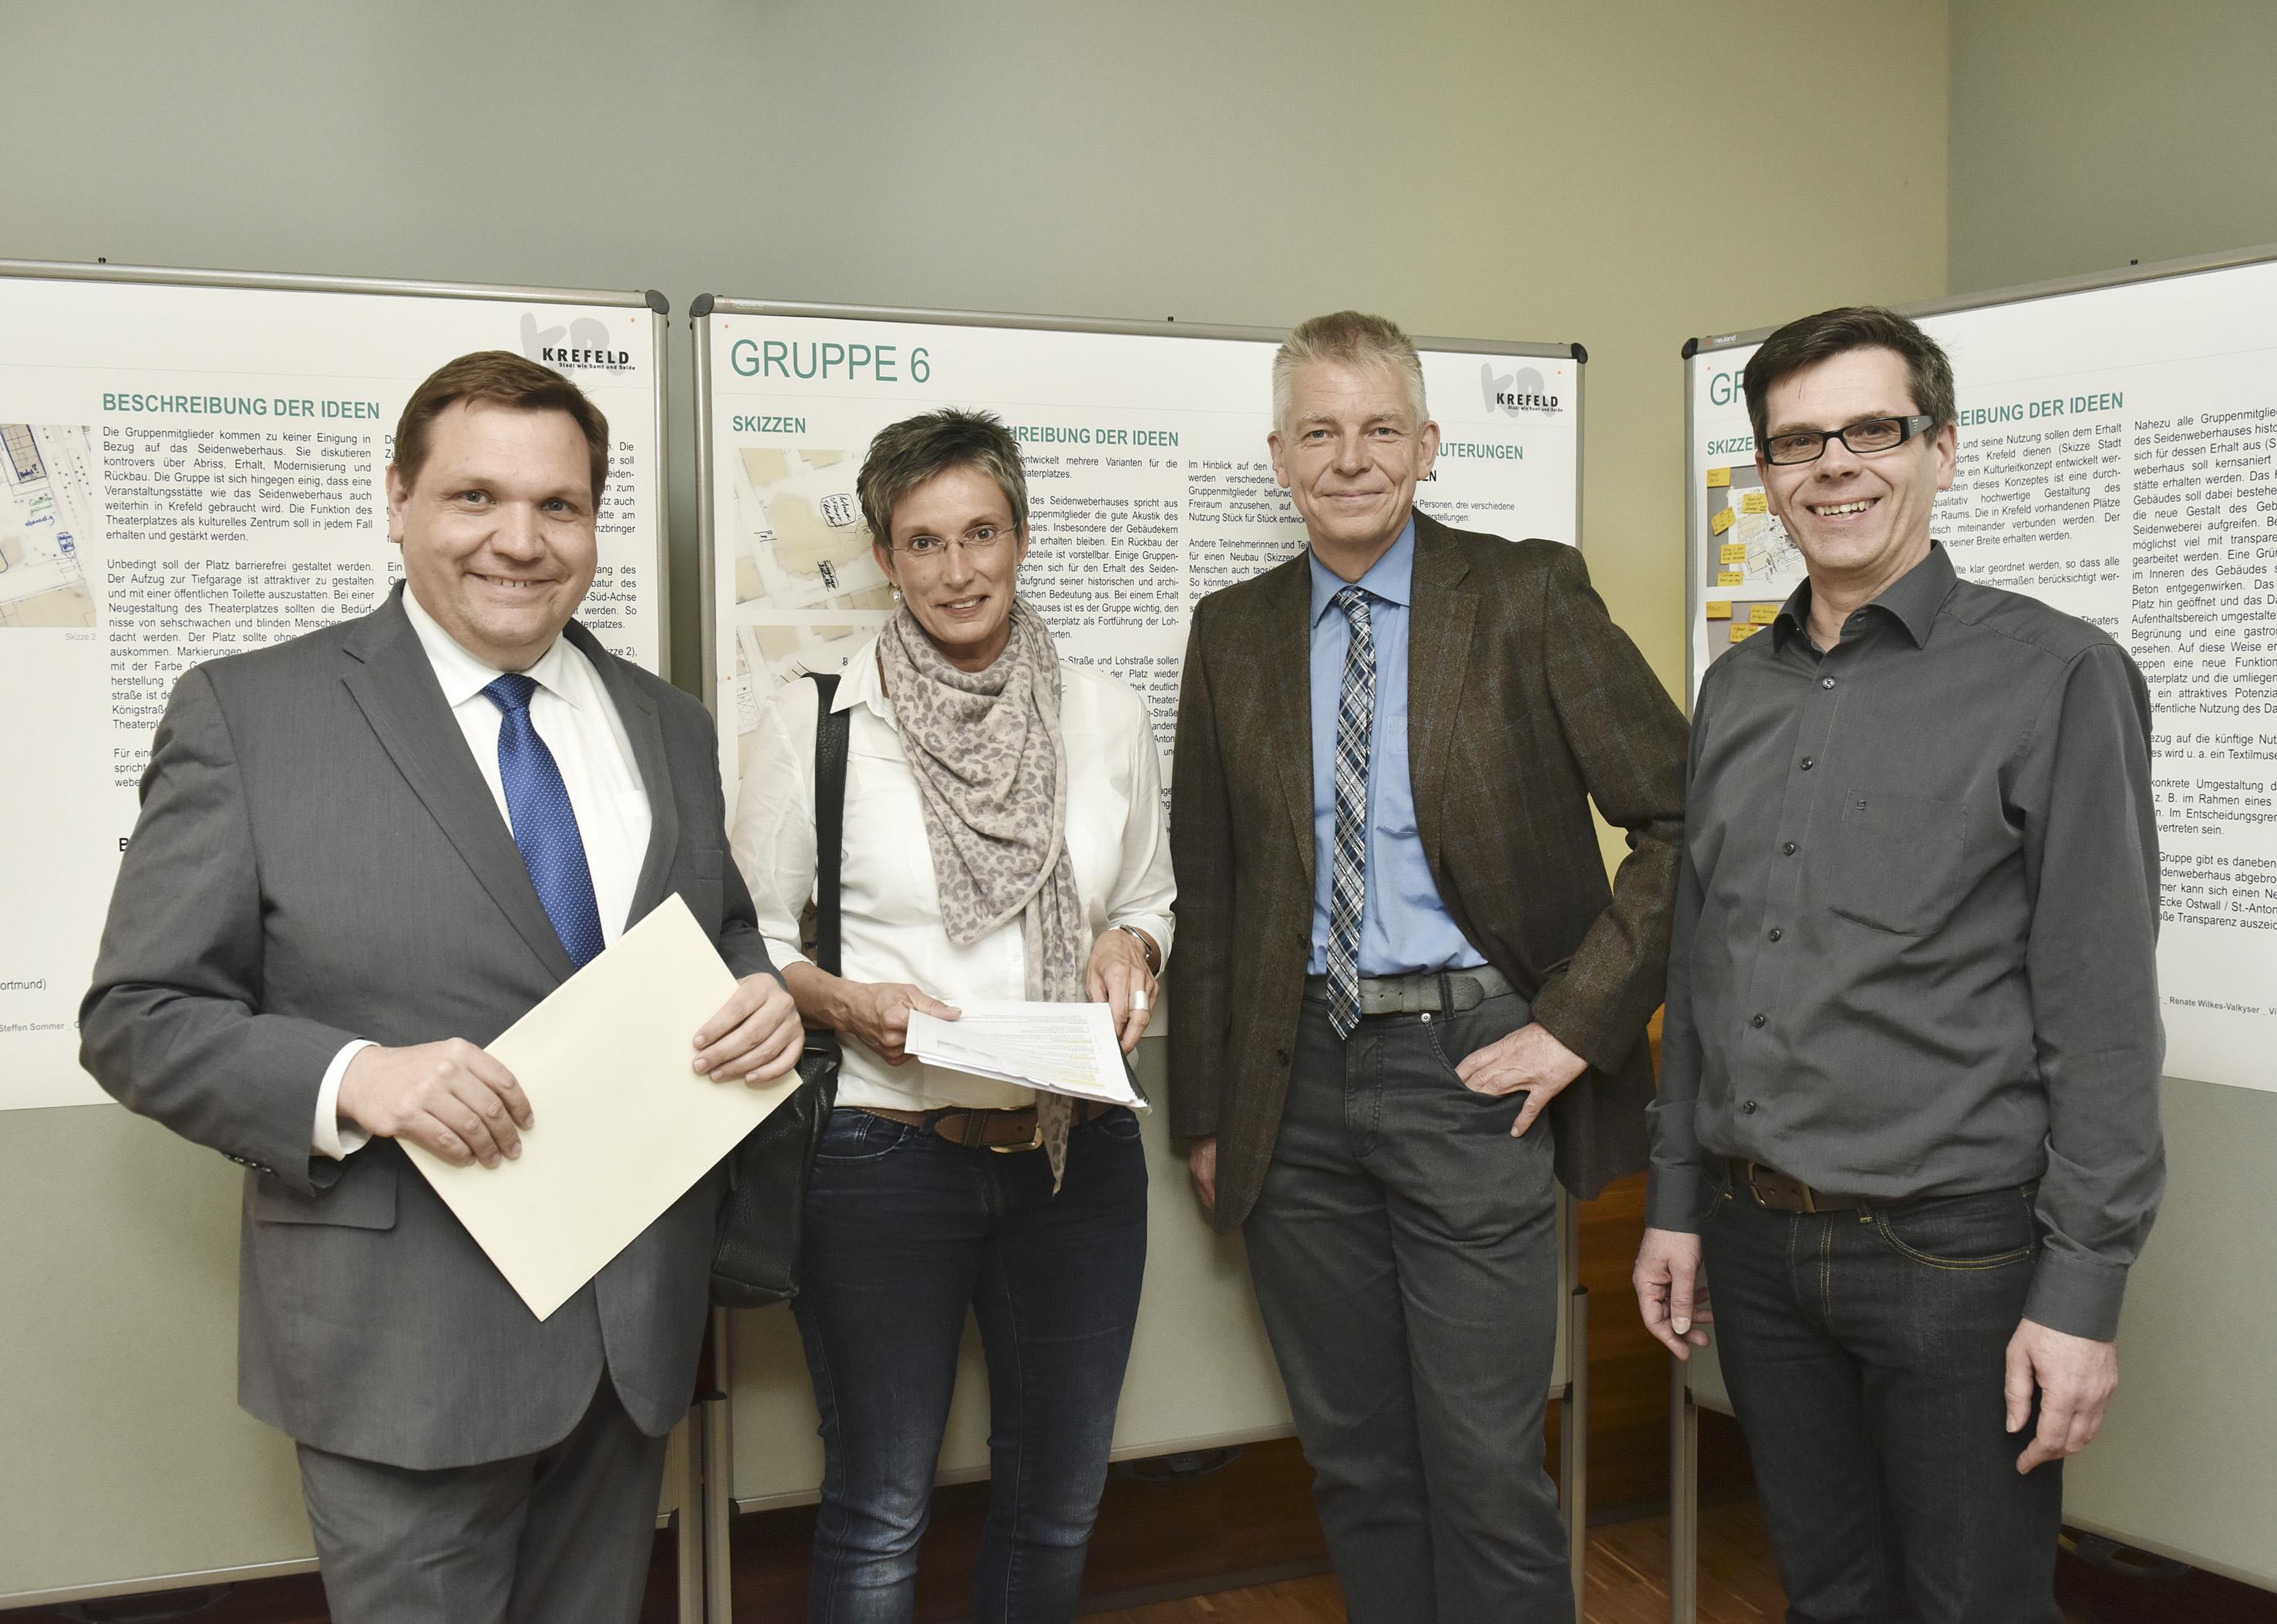 Bürgerwerkstatt-Ausstellung über das Seidenweberhaus und sein Umfeld (Foto: Stadt Krefeld)